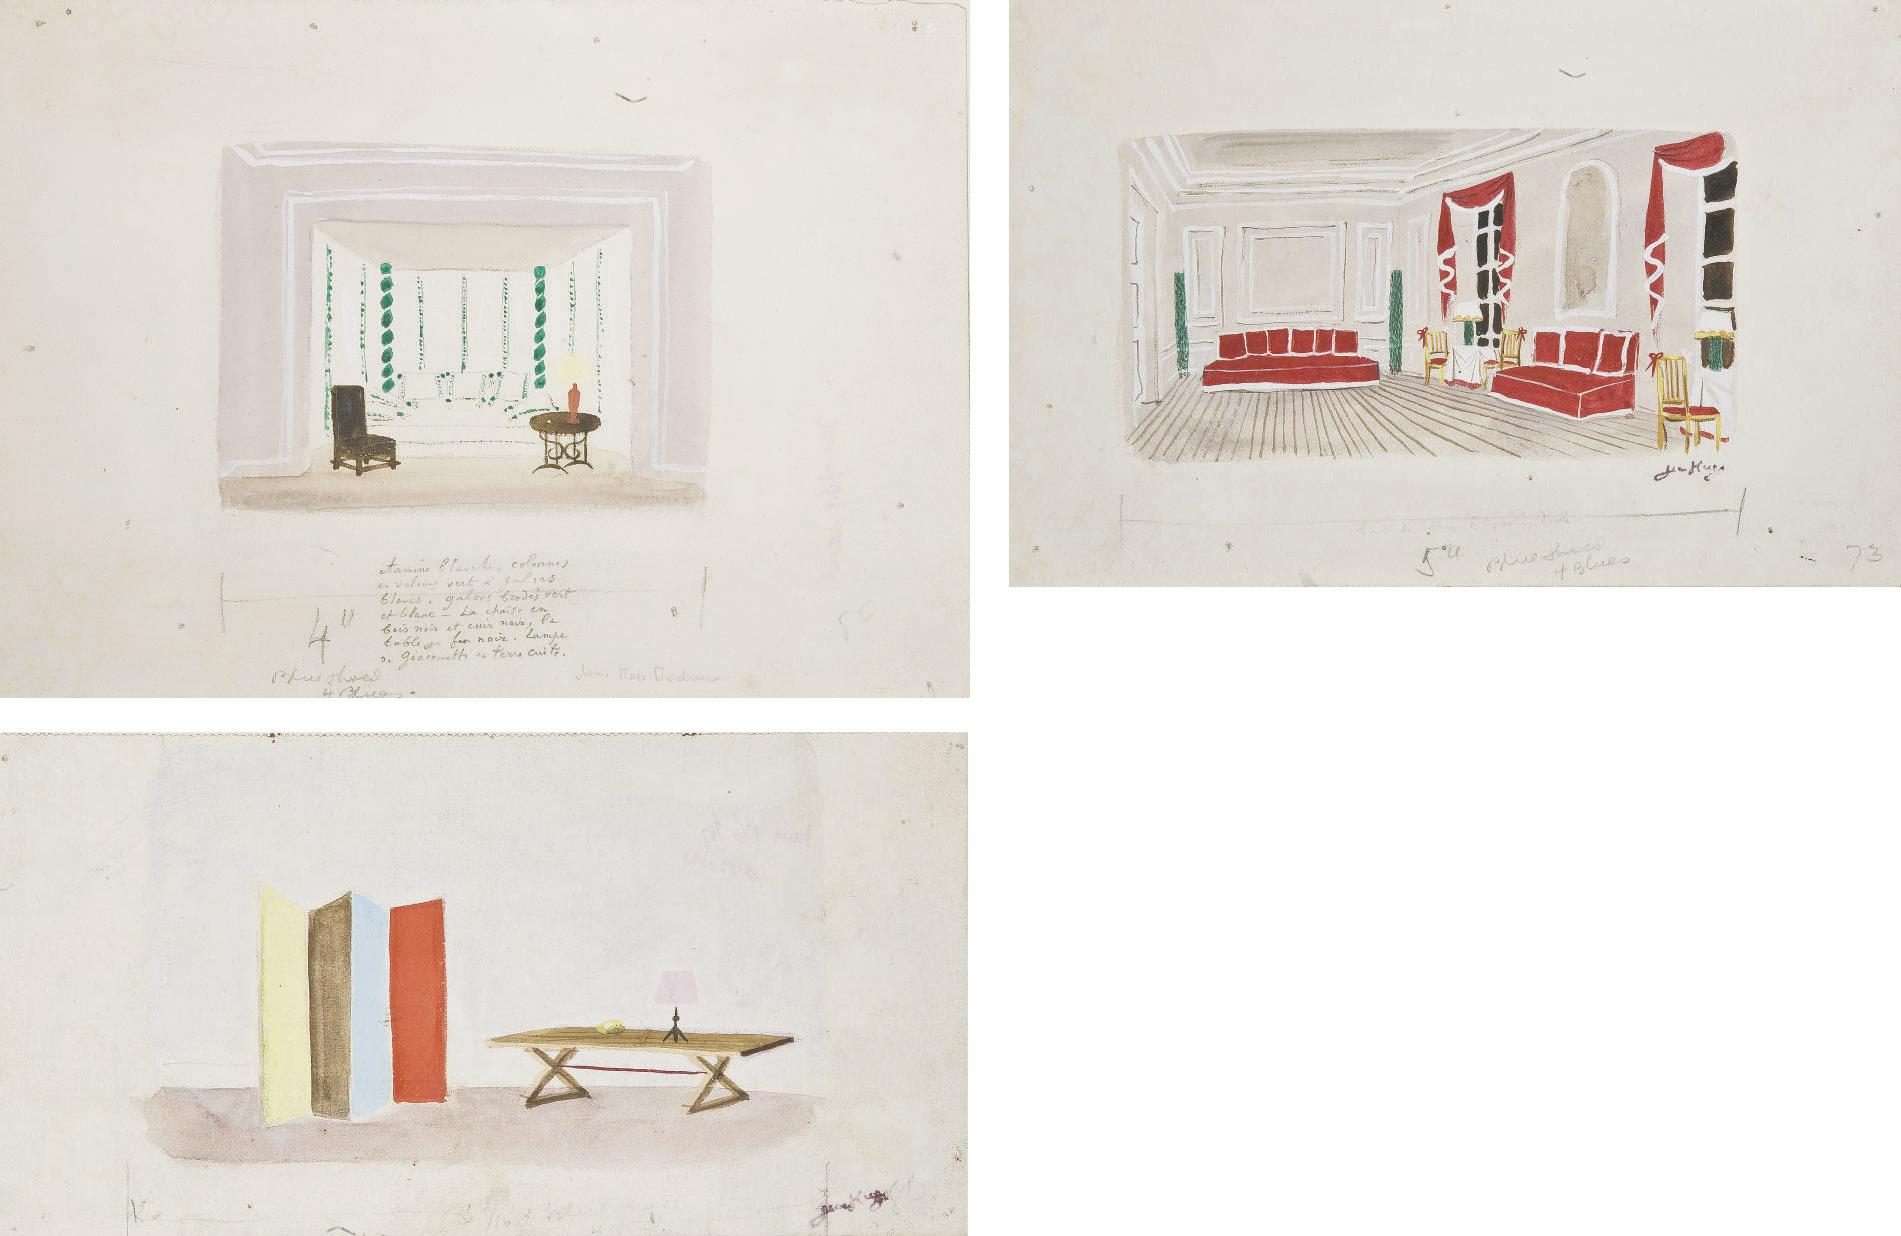 TROIS GOUACHES a. Le salon de l'hôtel de Crillon décoré par Jean-Michel Frank; b. Le 'Tunisian corner', boudoir de Max Chadourne; c. Table et paravent de Jean-Michel Frank et lampe d'Alberto Giacometti